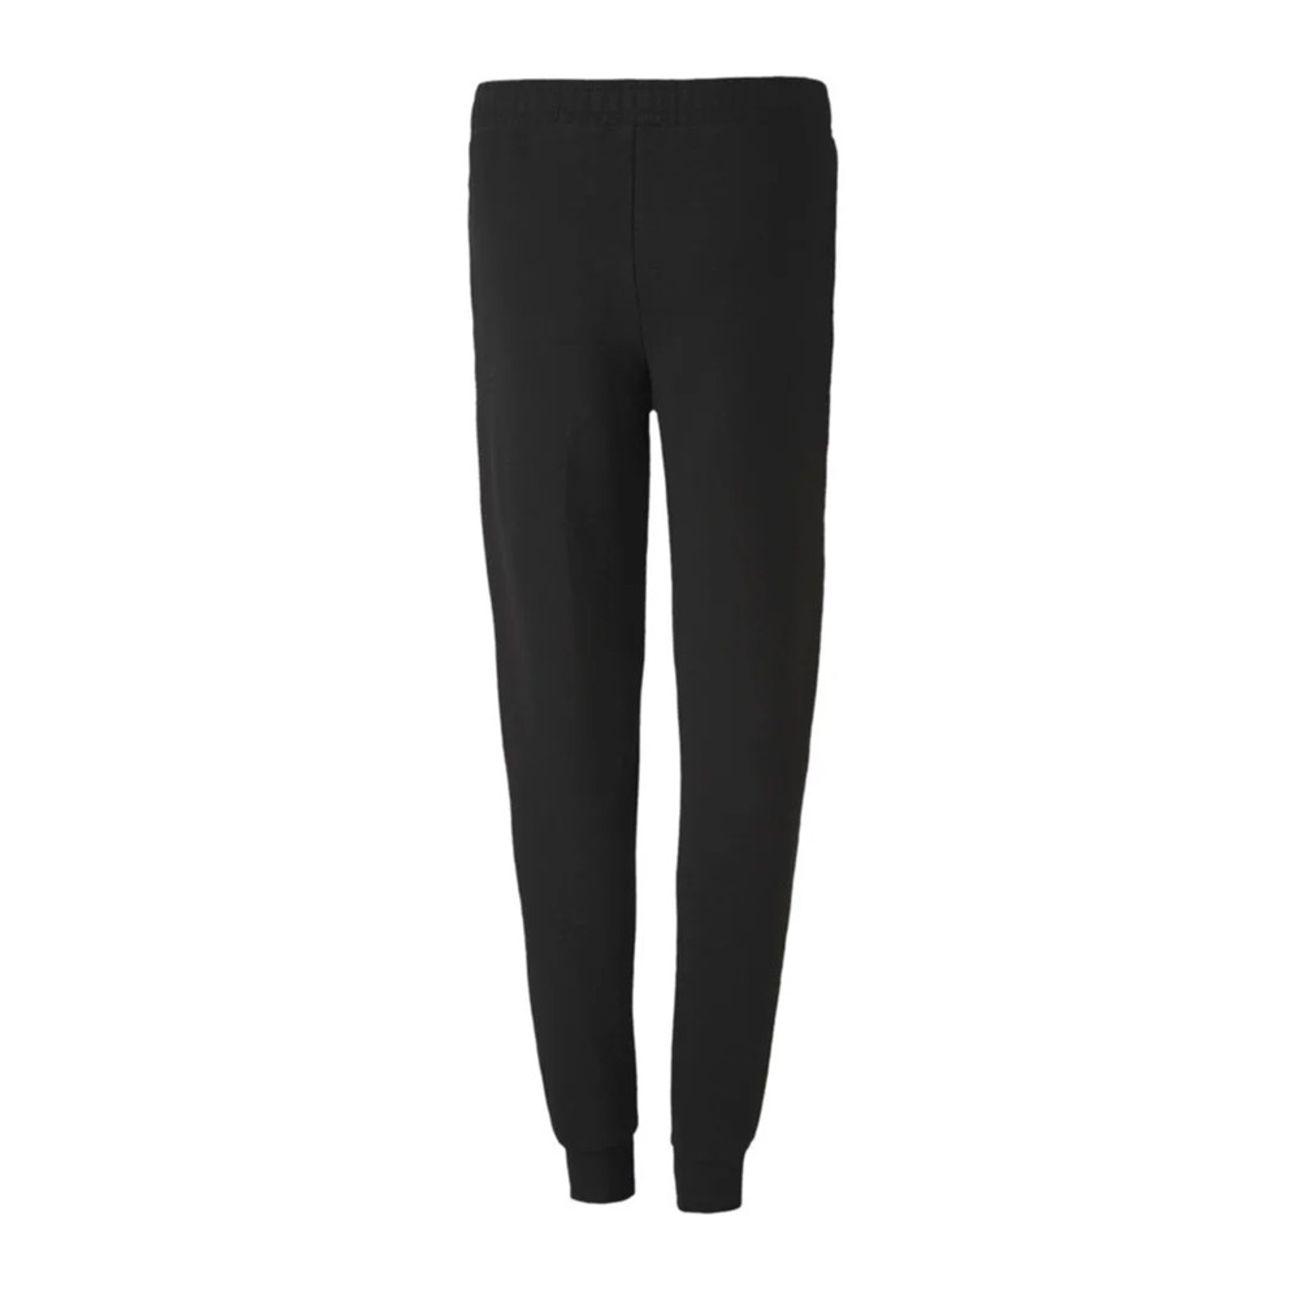 Mode- Lifestyle femme PUMA Jogging Noir Fille Puma Alpha Sweat Pant